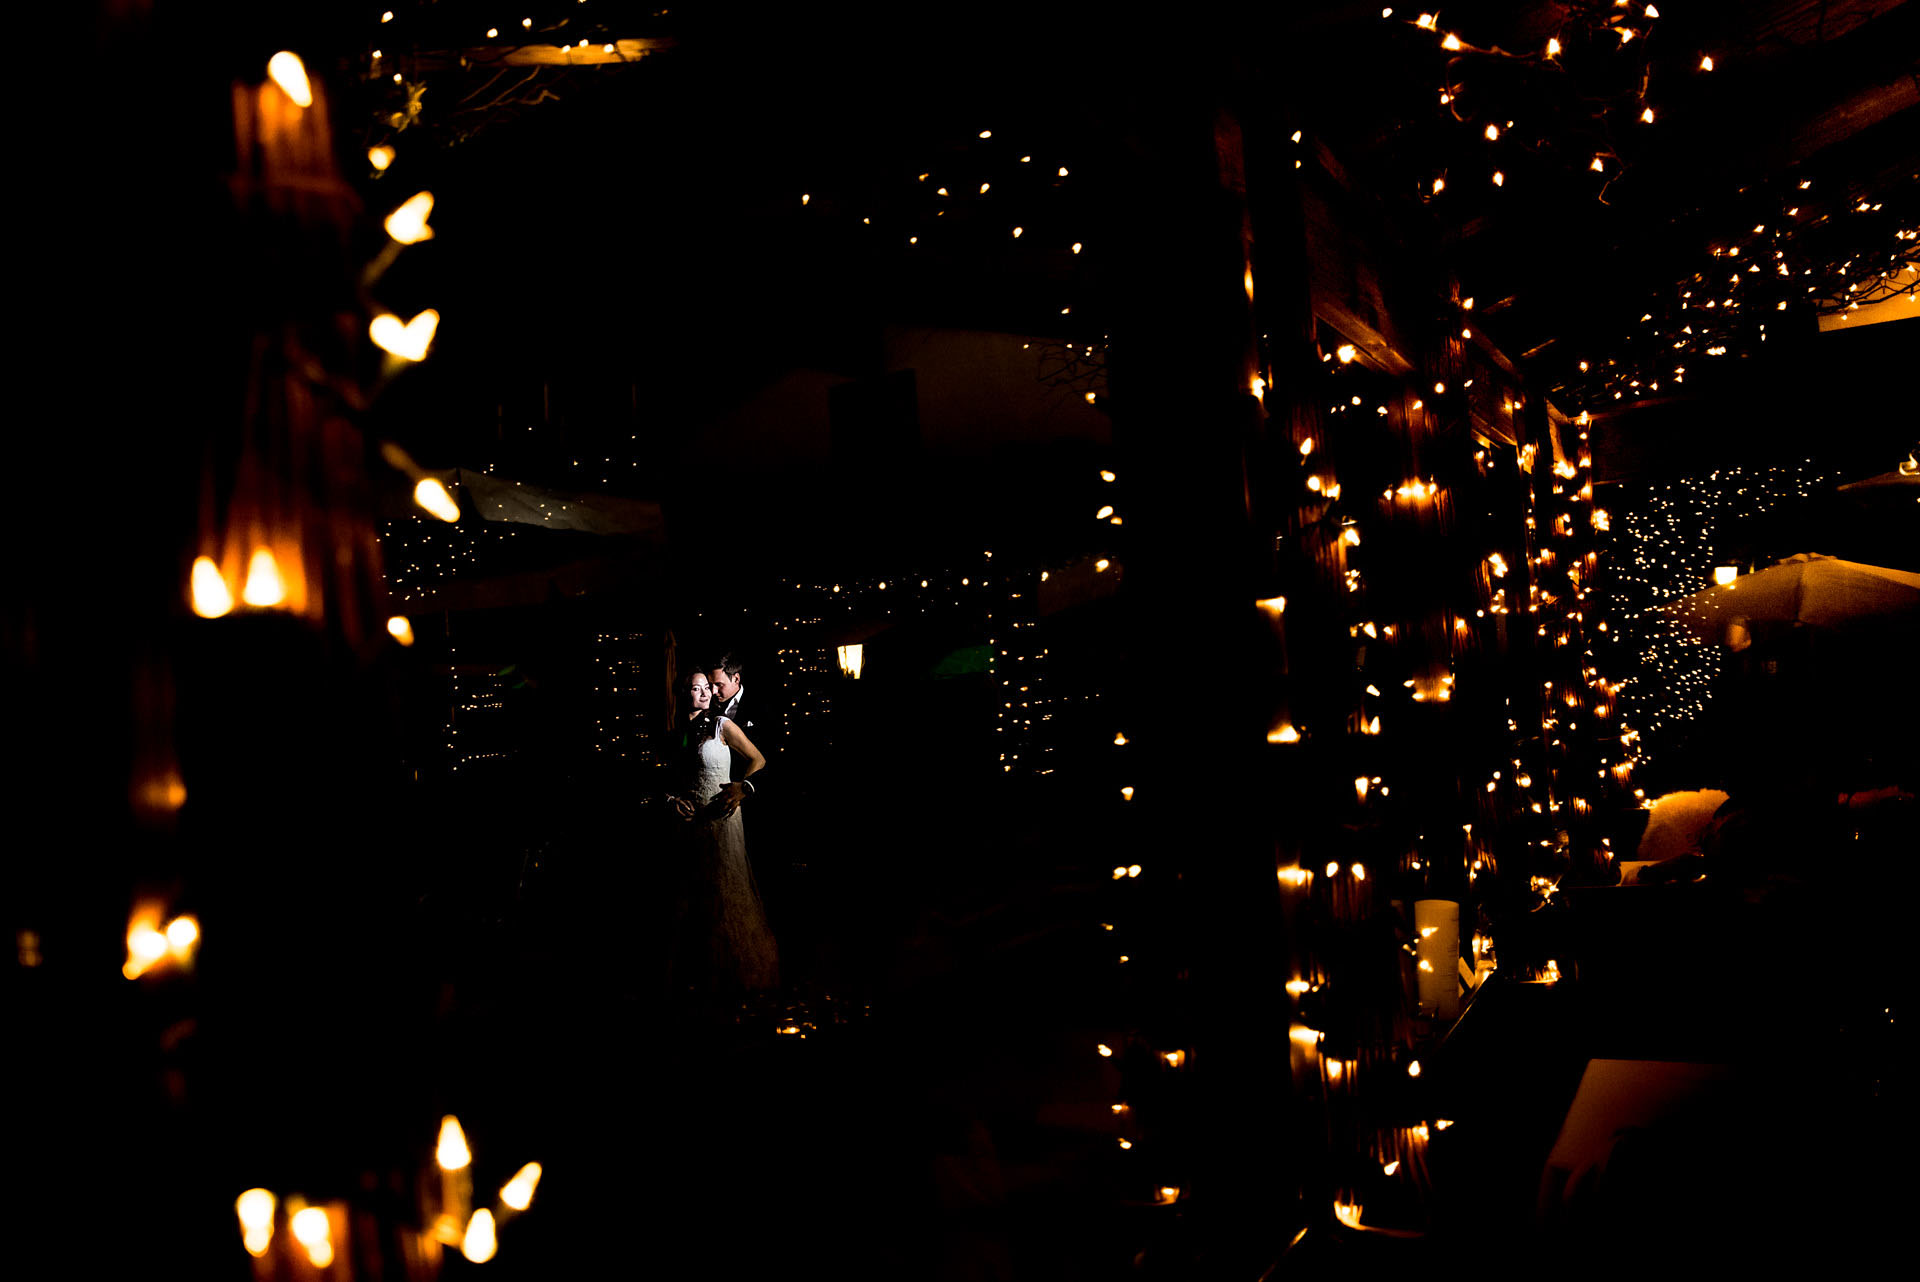 Hochzeitsfotograf Andreas Pollok Bilder bei Nacht